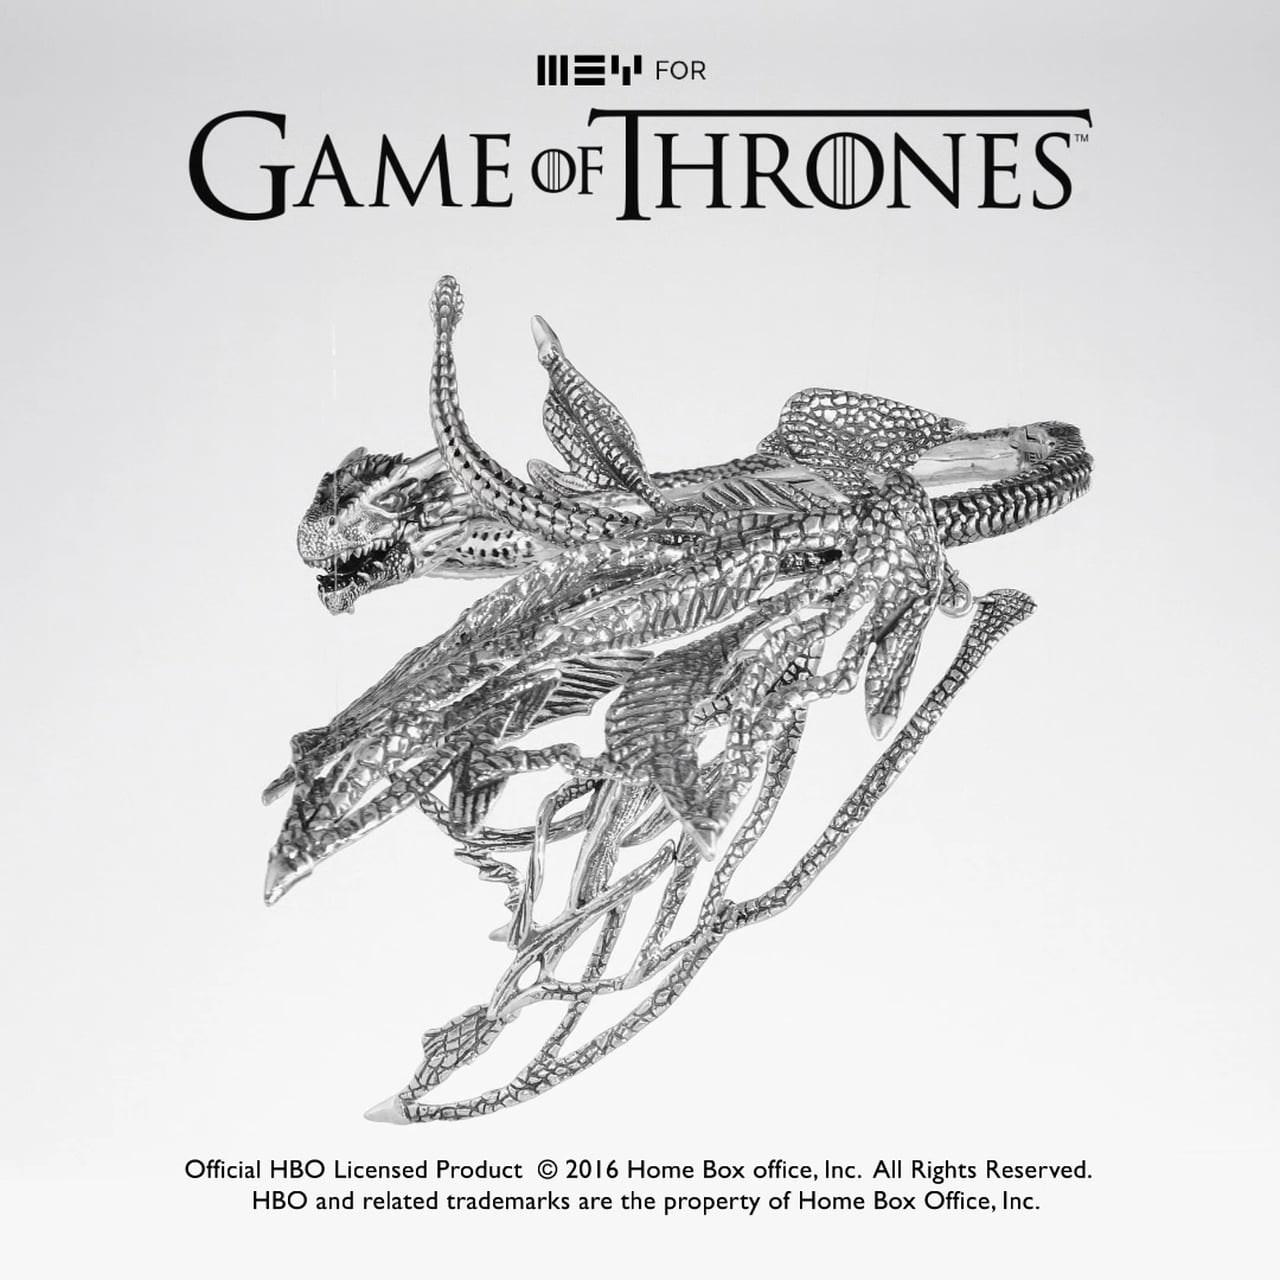 MEYforGOT_Daenerys-Drogon-Neck-Sculpture 2